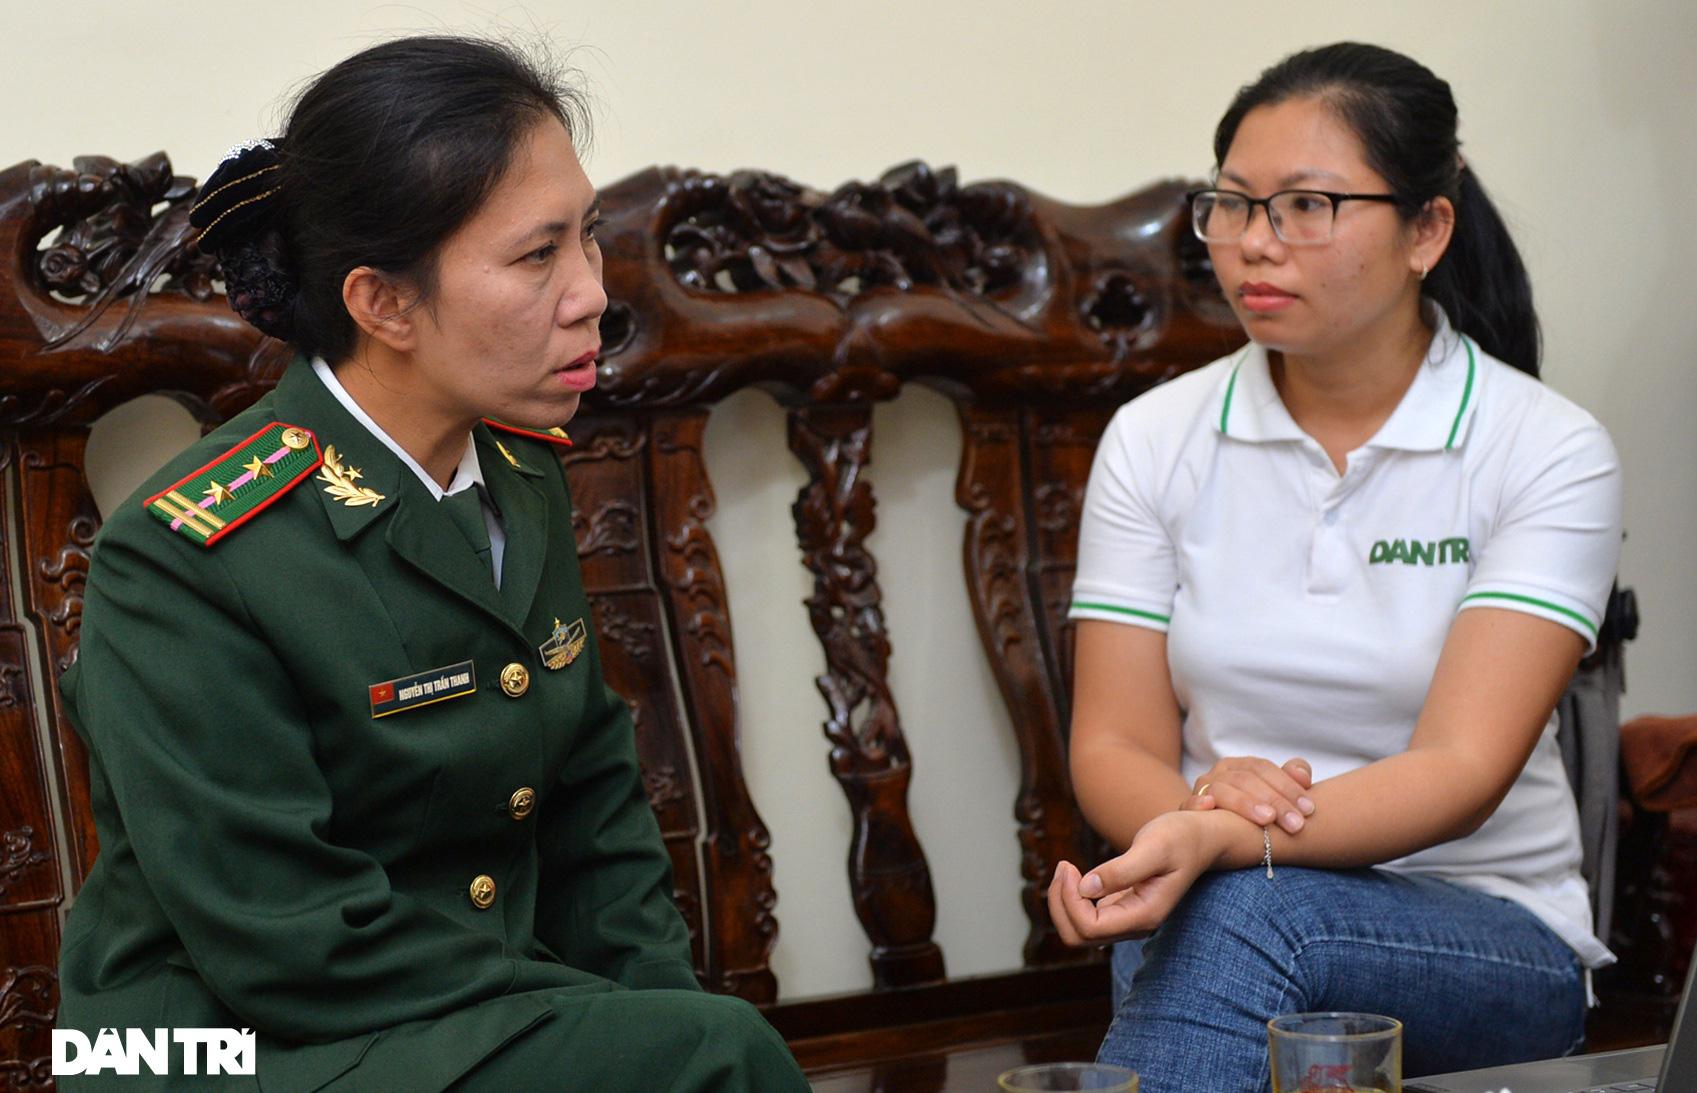 Người mẹ biên phòng của những đứa trẻ tộc người ngủ ngồi Đan Lai - Ảnh 2.